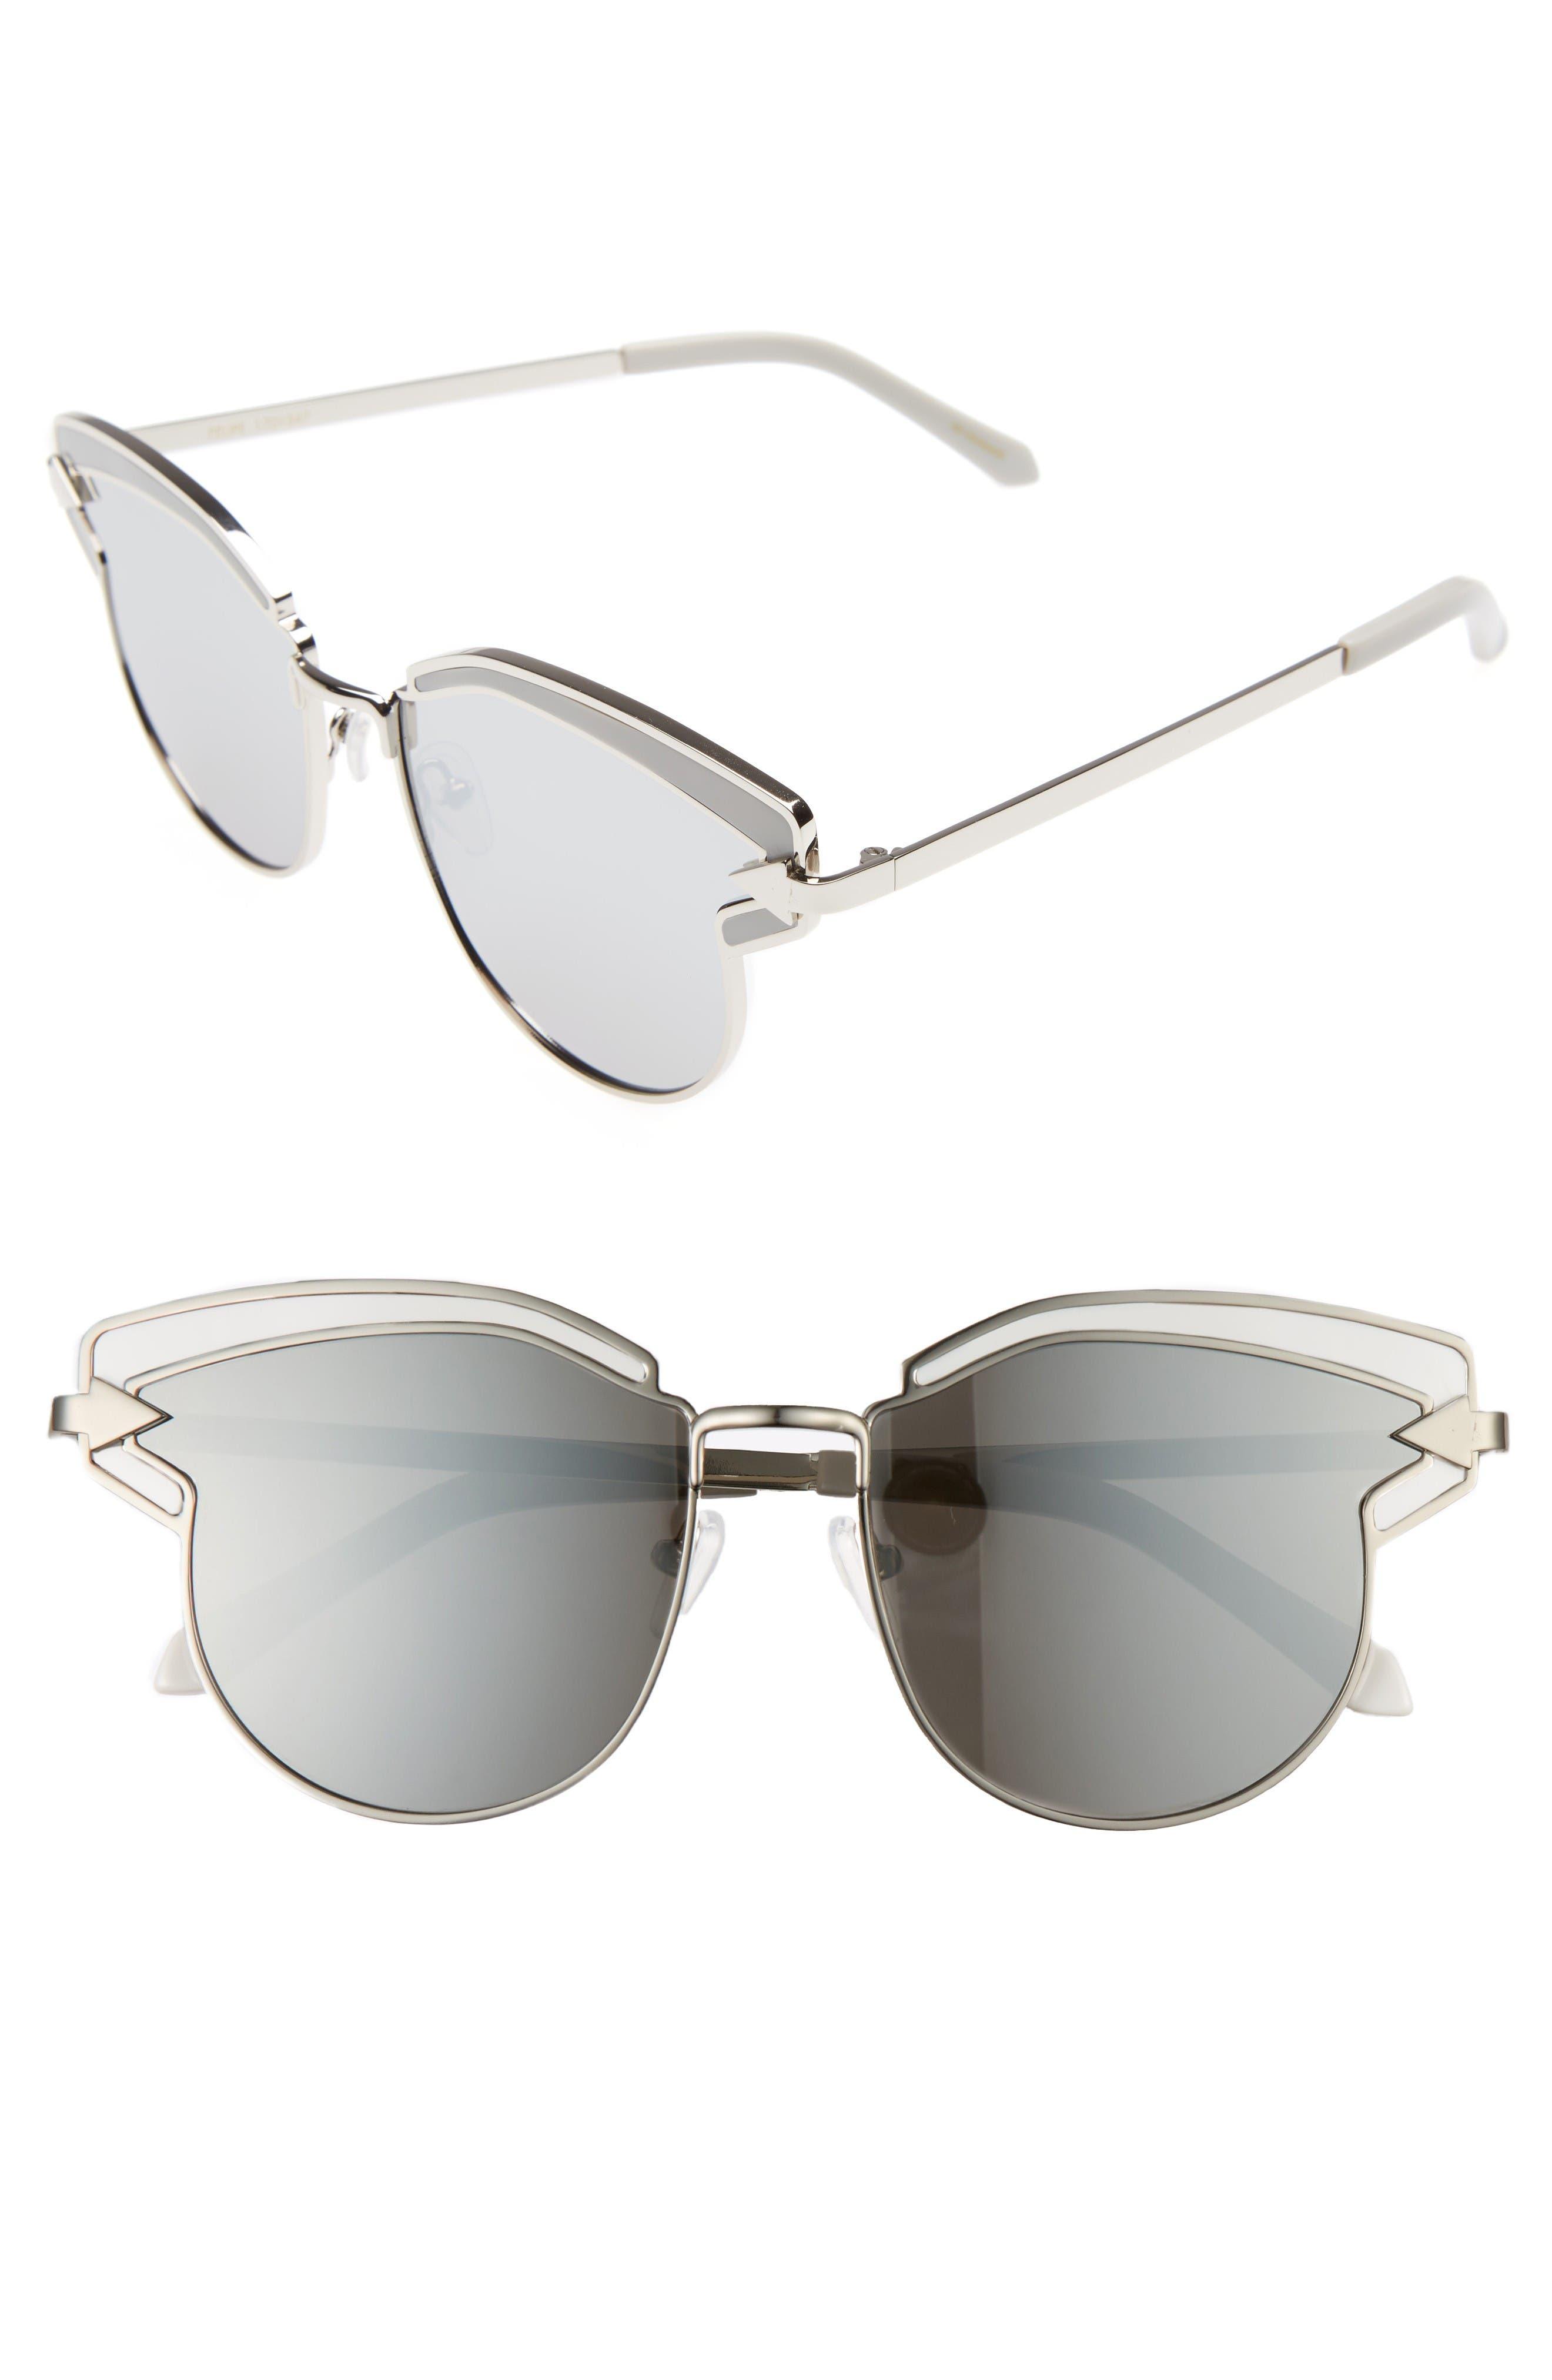 KAREN WALKER Felipe 50mm Retro Sunglasses